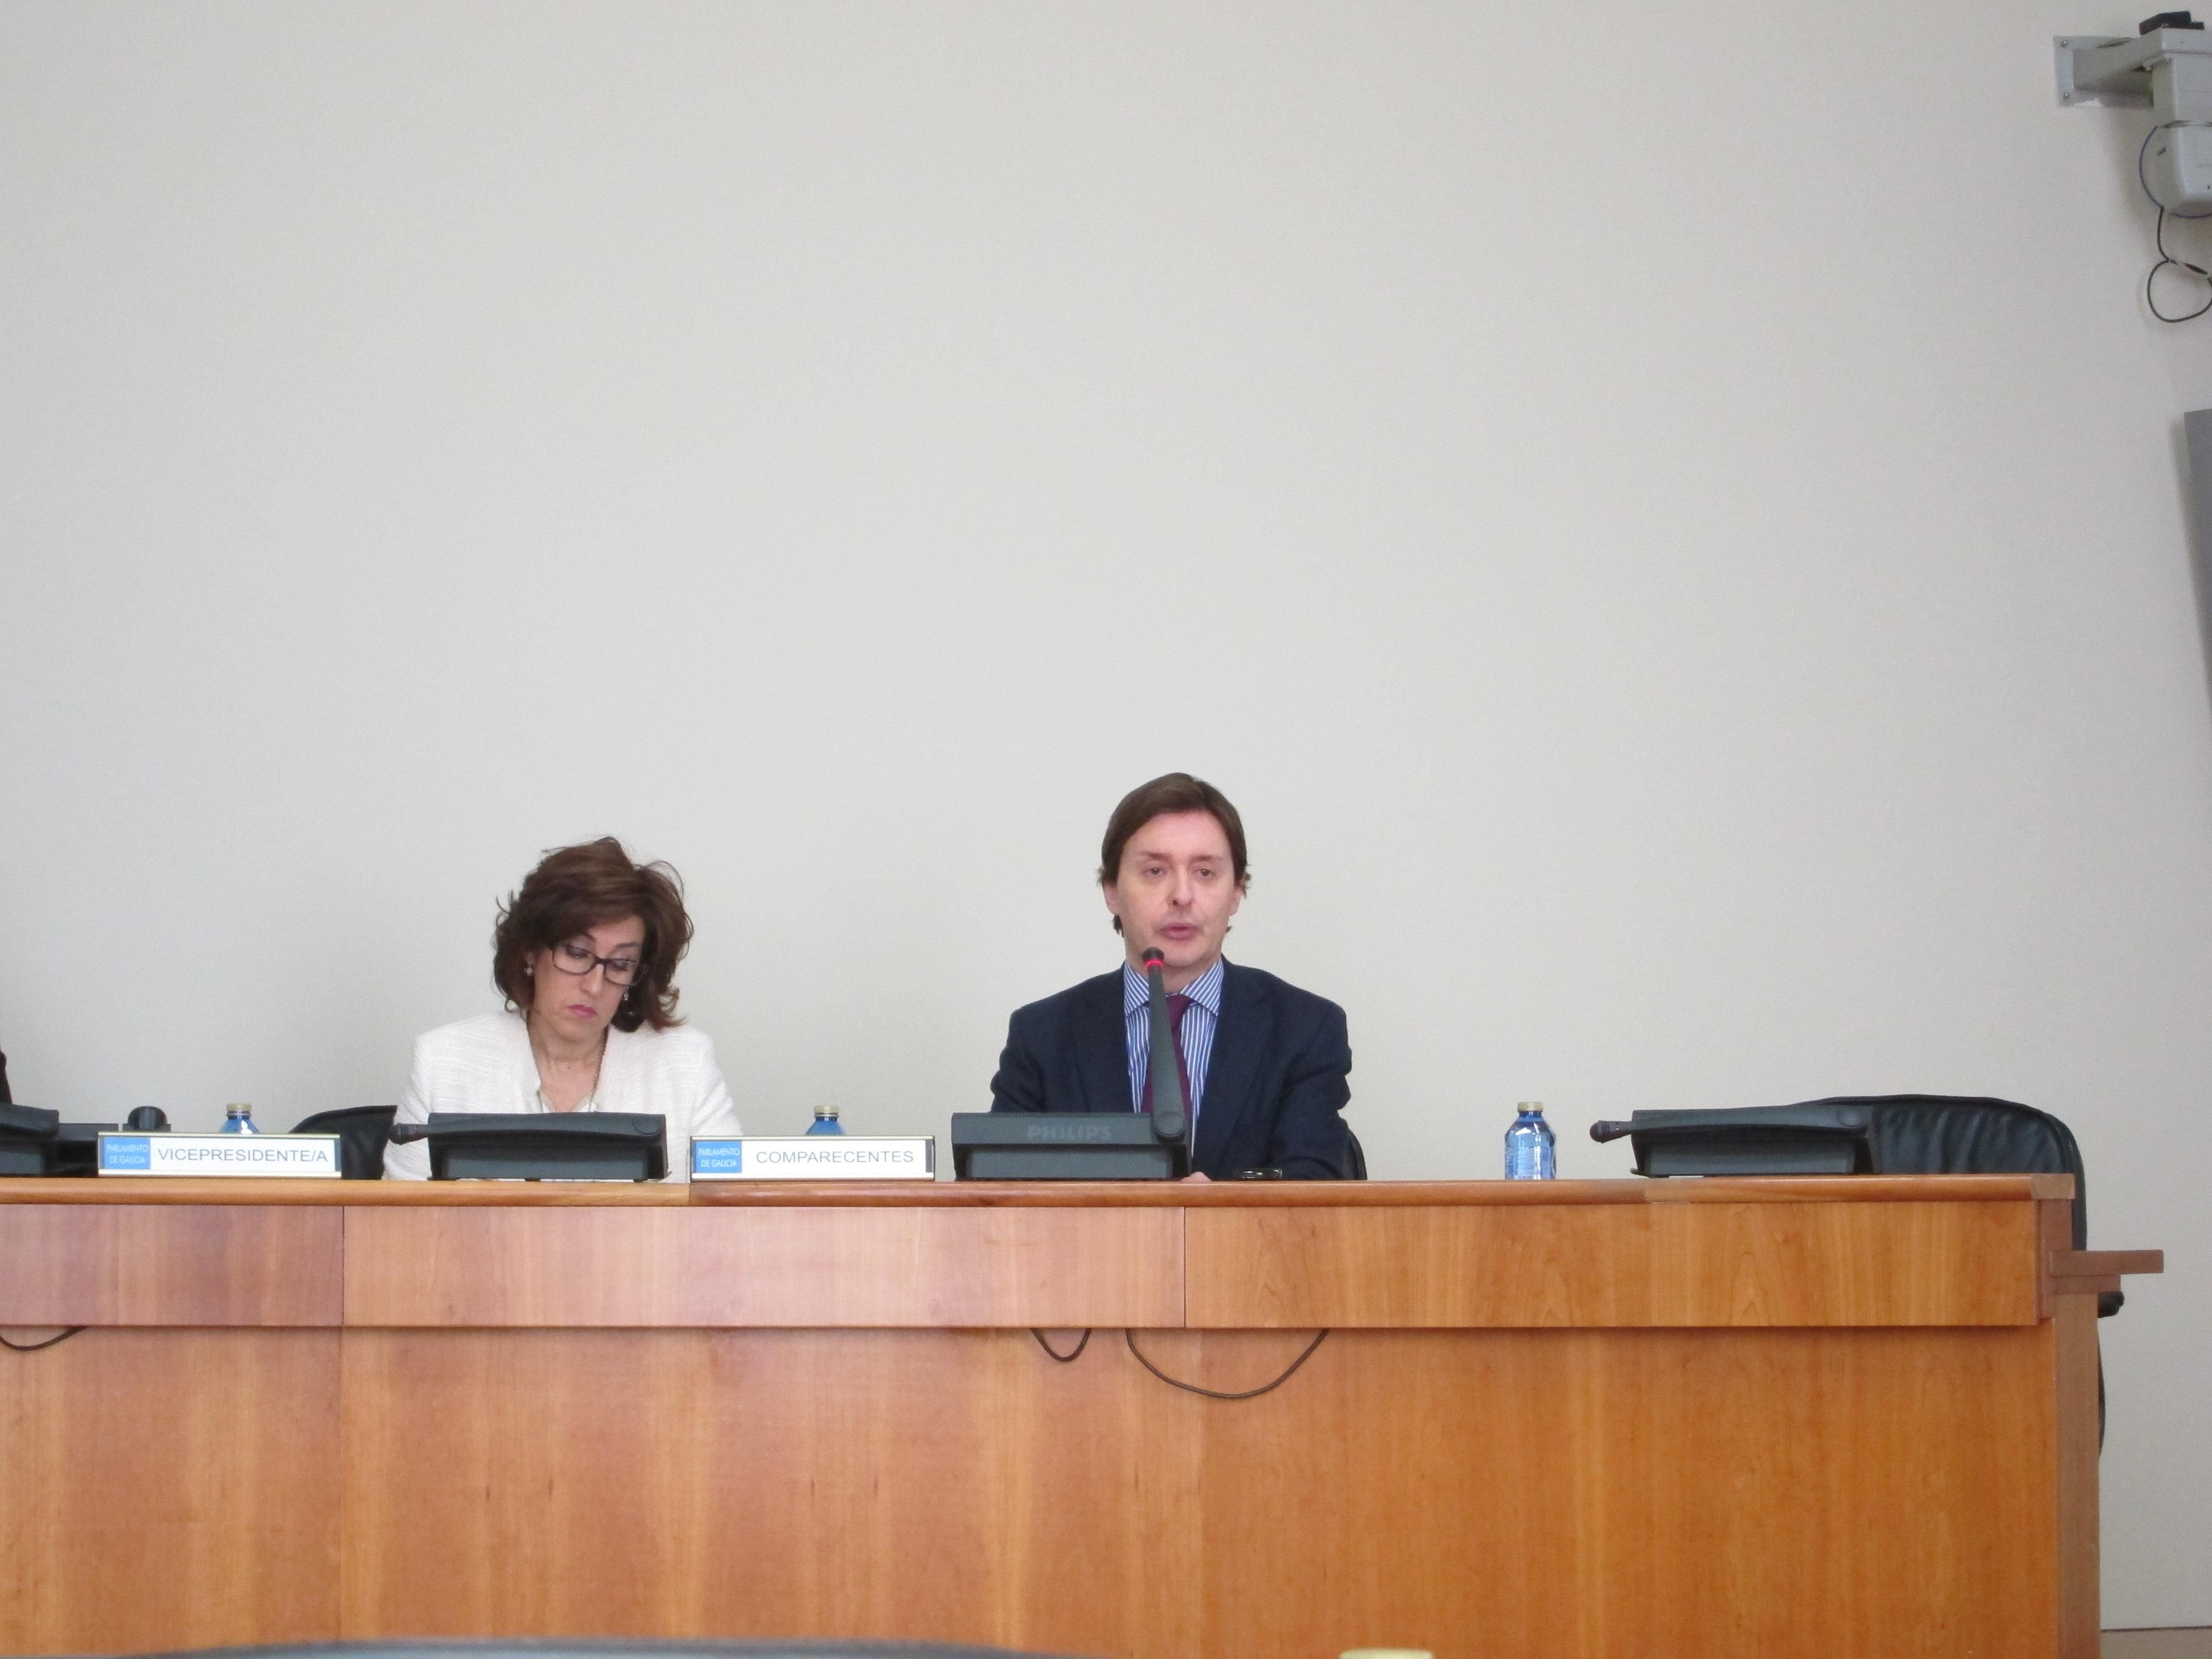 La Xunta considera «un éxito» mantener el 60% de los fondos europeos mientras la oposición ve el acuerdo insatisfactorio